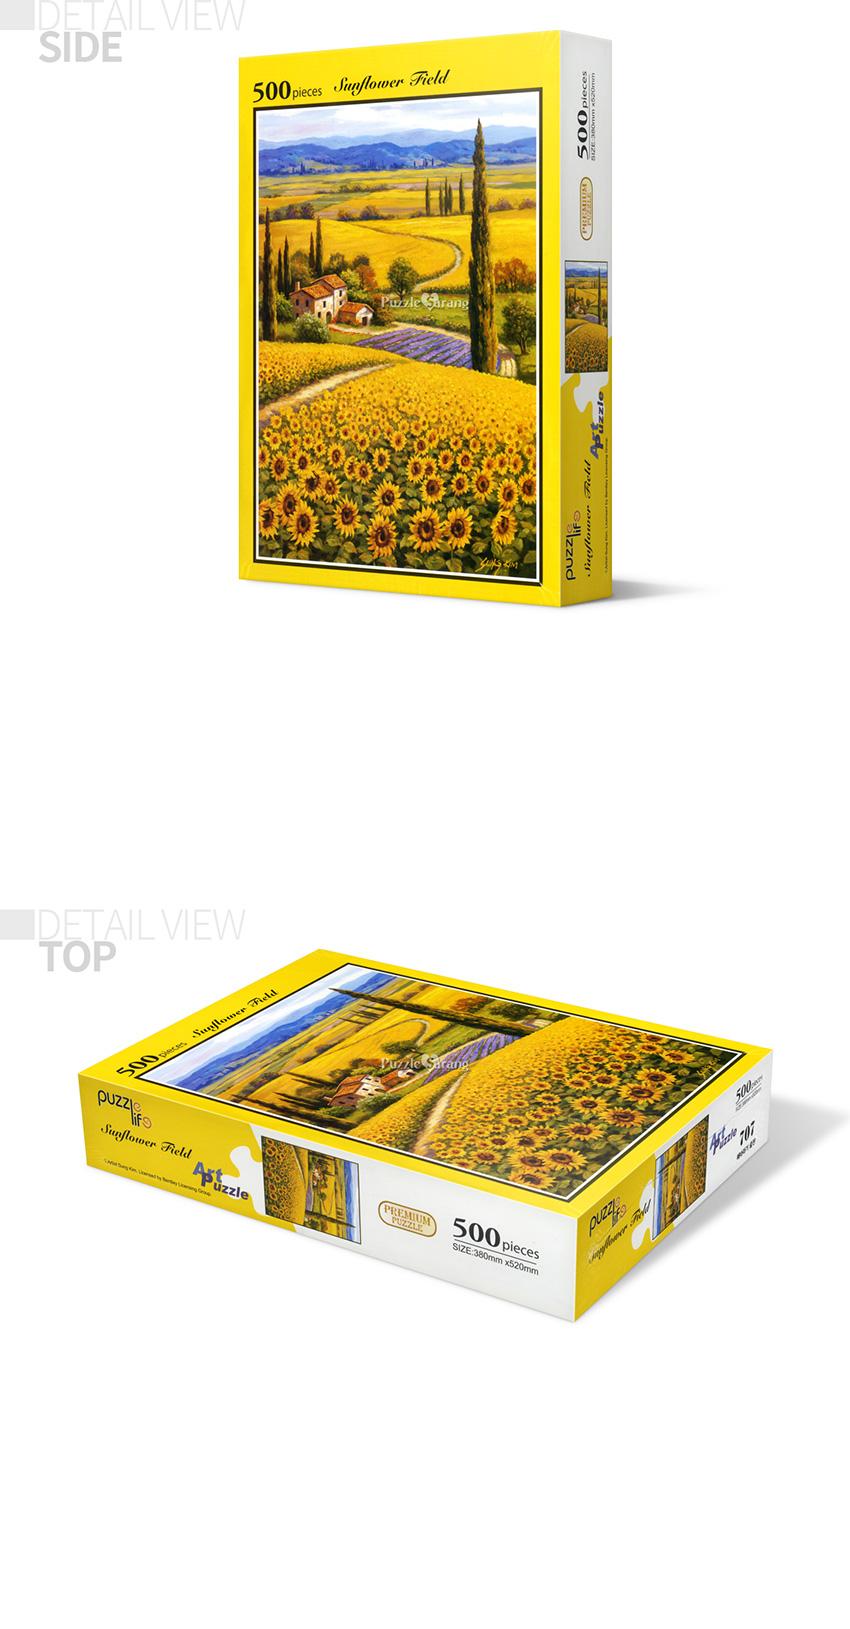 500피스 직소퍼즐 - 해바라기 평원 2 - 퍼즐사랑, 12,000원, 조각/퍼즐, 풍경 직소퍼즐